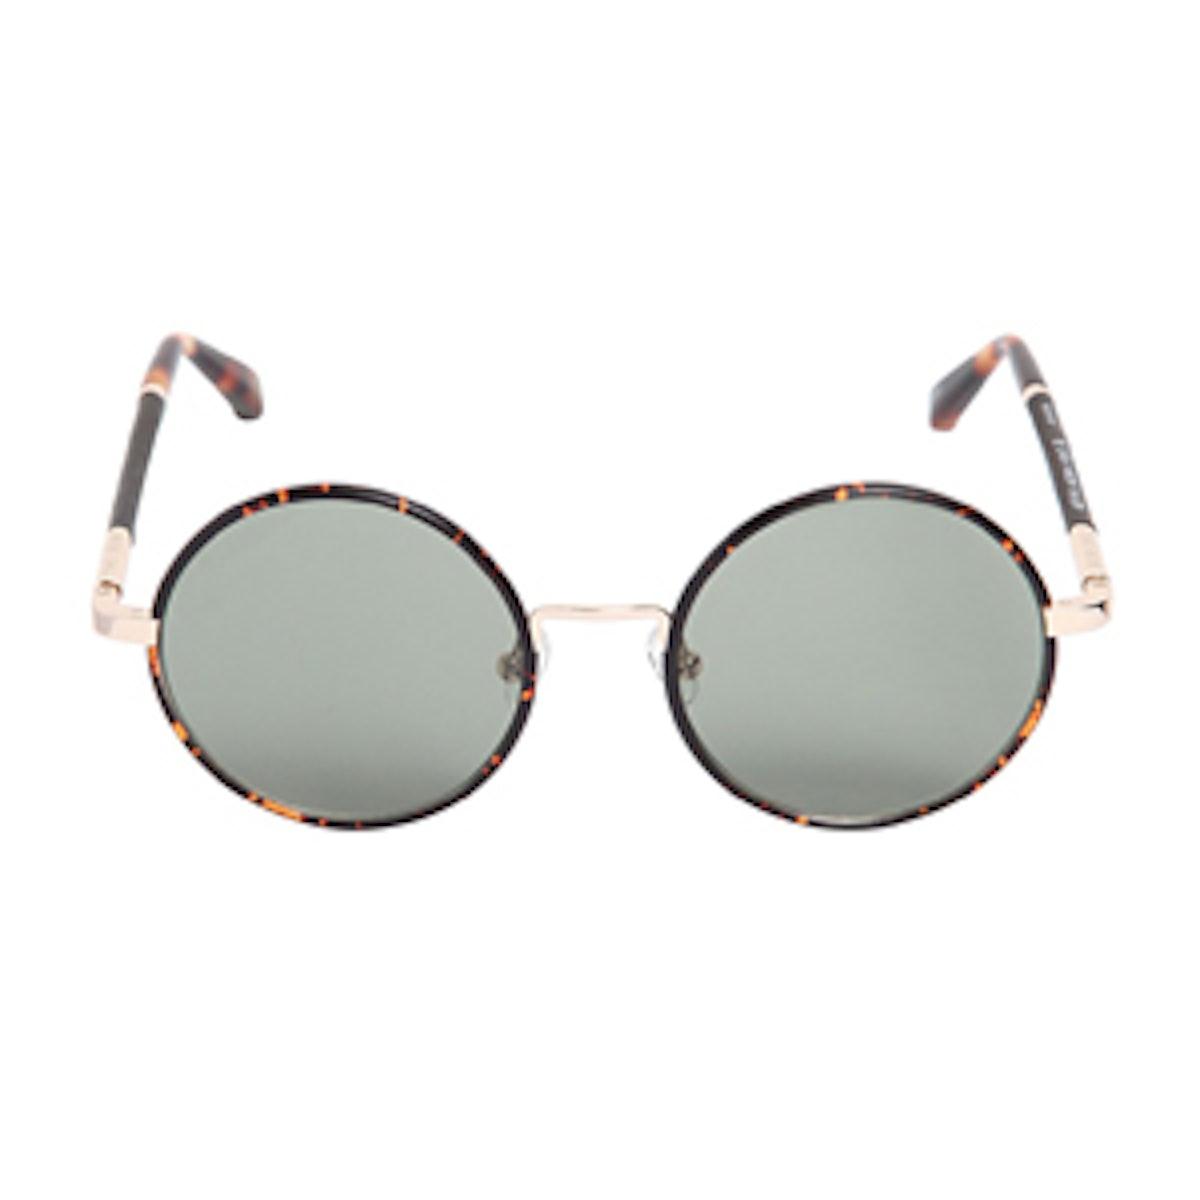 Leather & Acetate Round Sunglasses